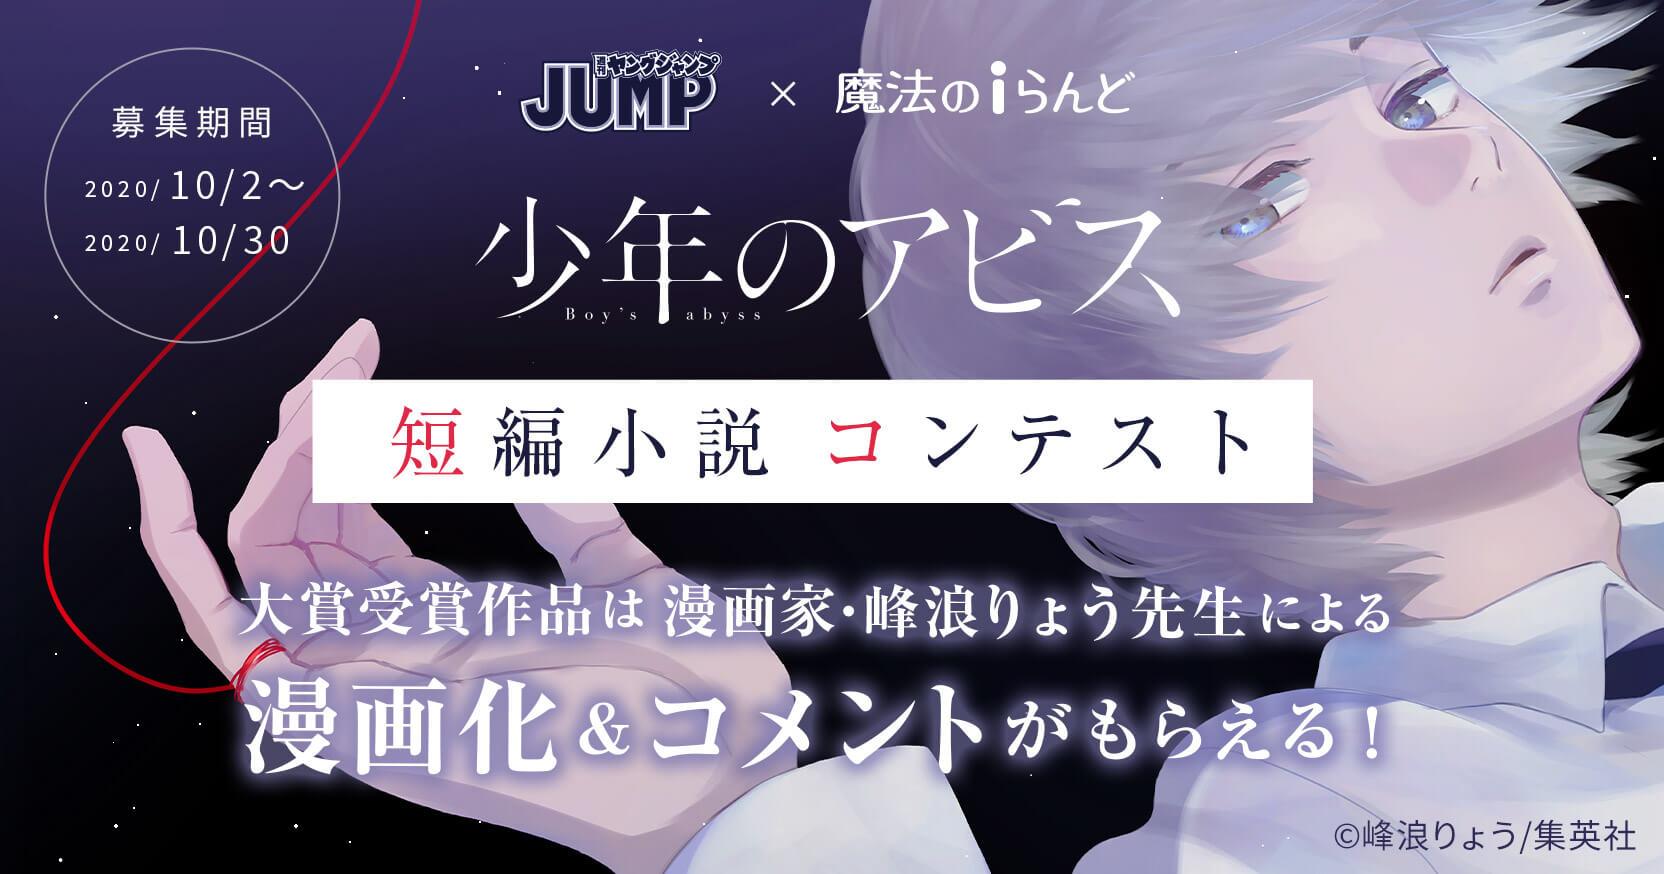 ヤングジャンプ×魔法のiらんど『少年のアビス』短編小説コンテスト